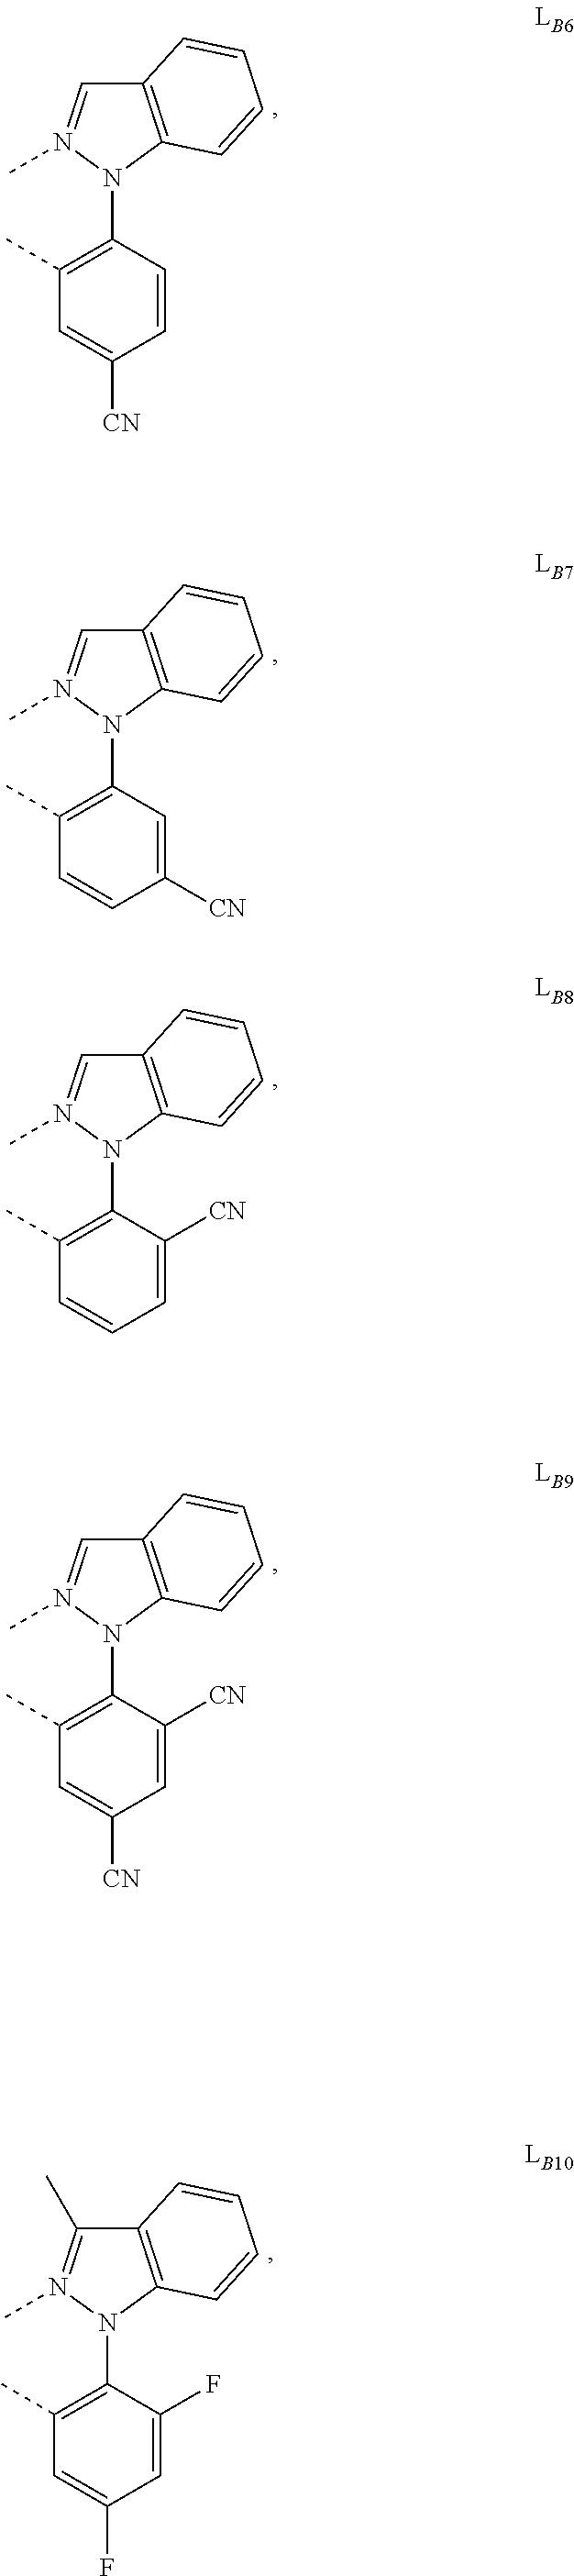 Figure US09905785-20180227-C00104